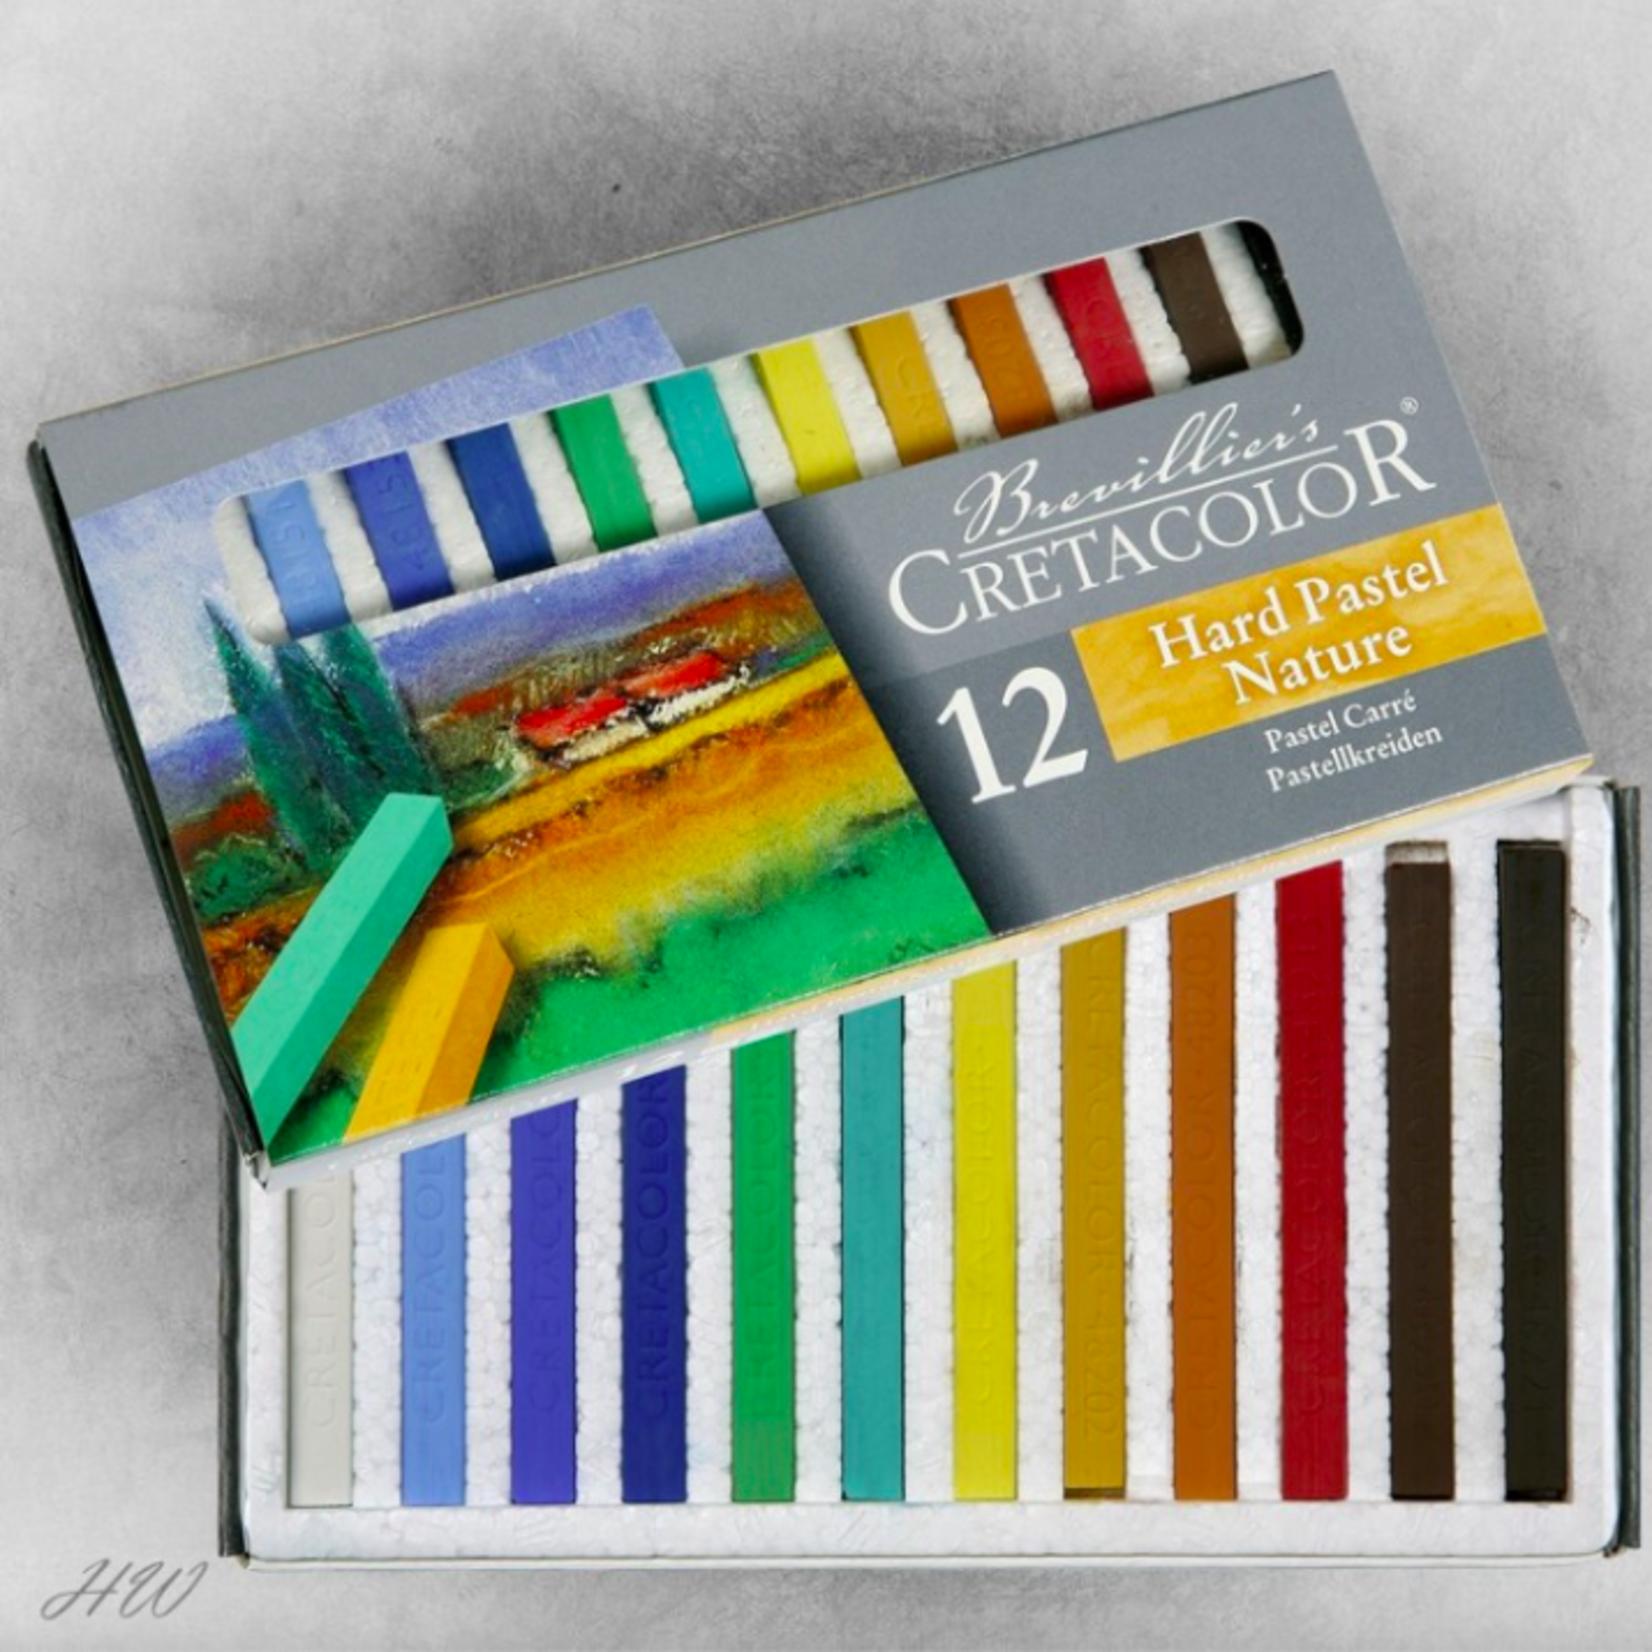 Cretacolor Cretacolor Pastel Nature,